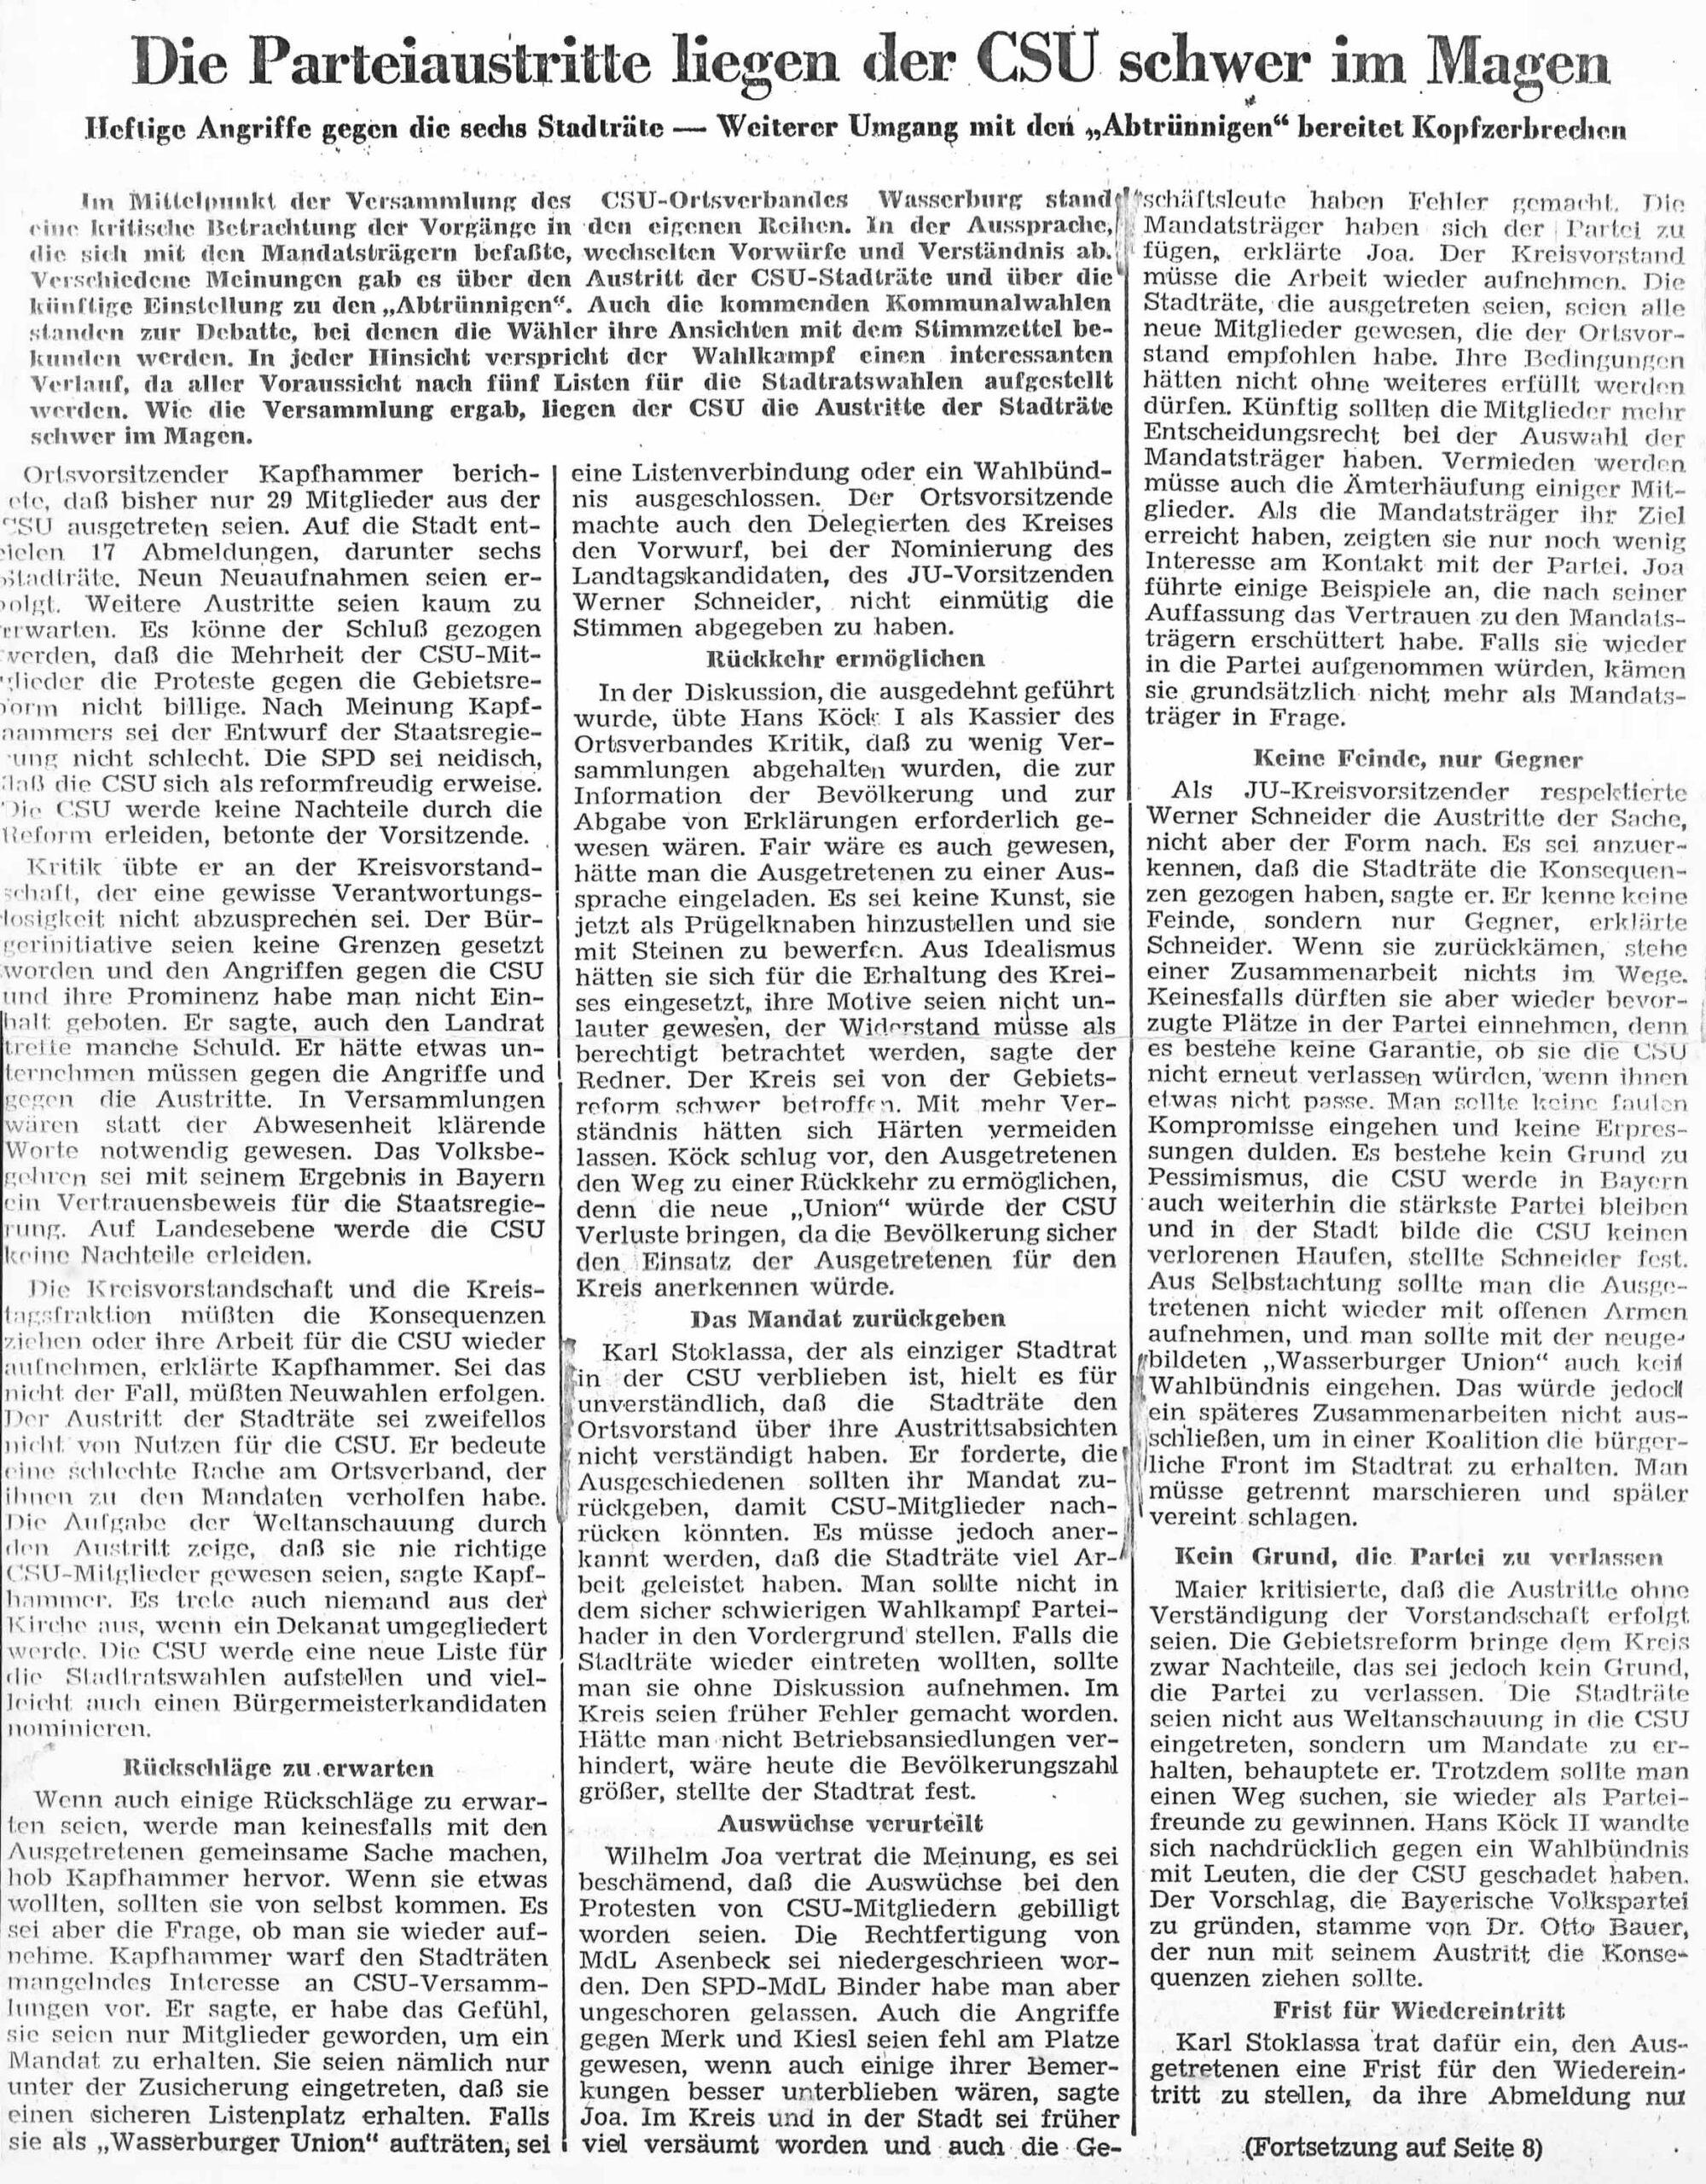 Parteiaustritte liegen der CSU schwer im Magen, Zeitungsartikel